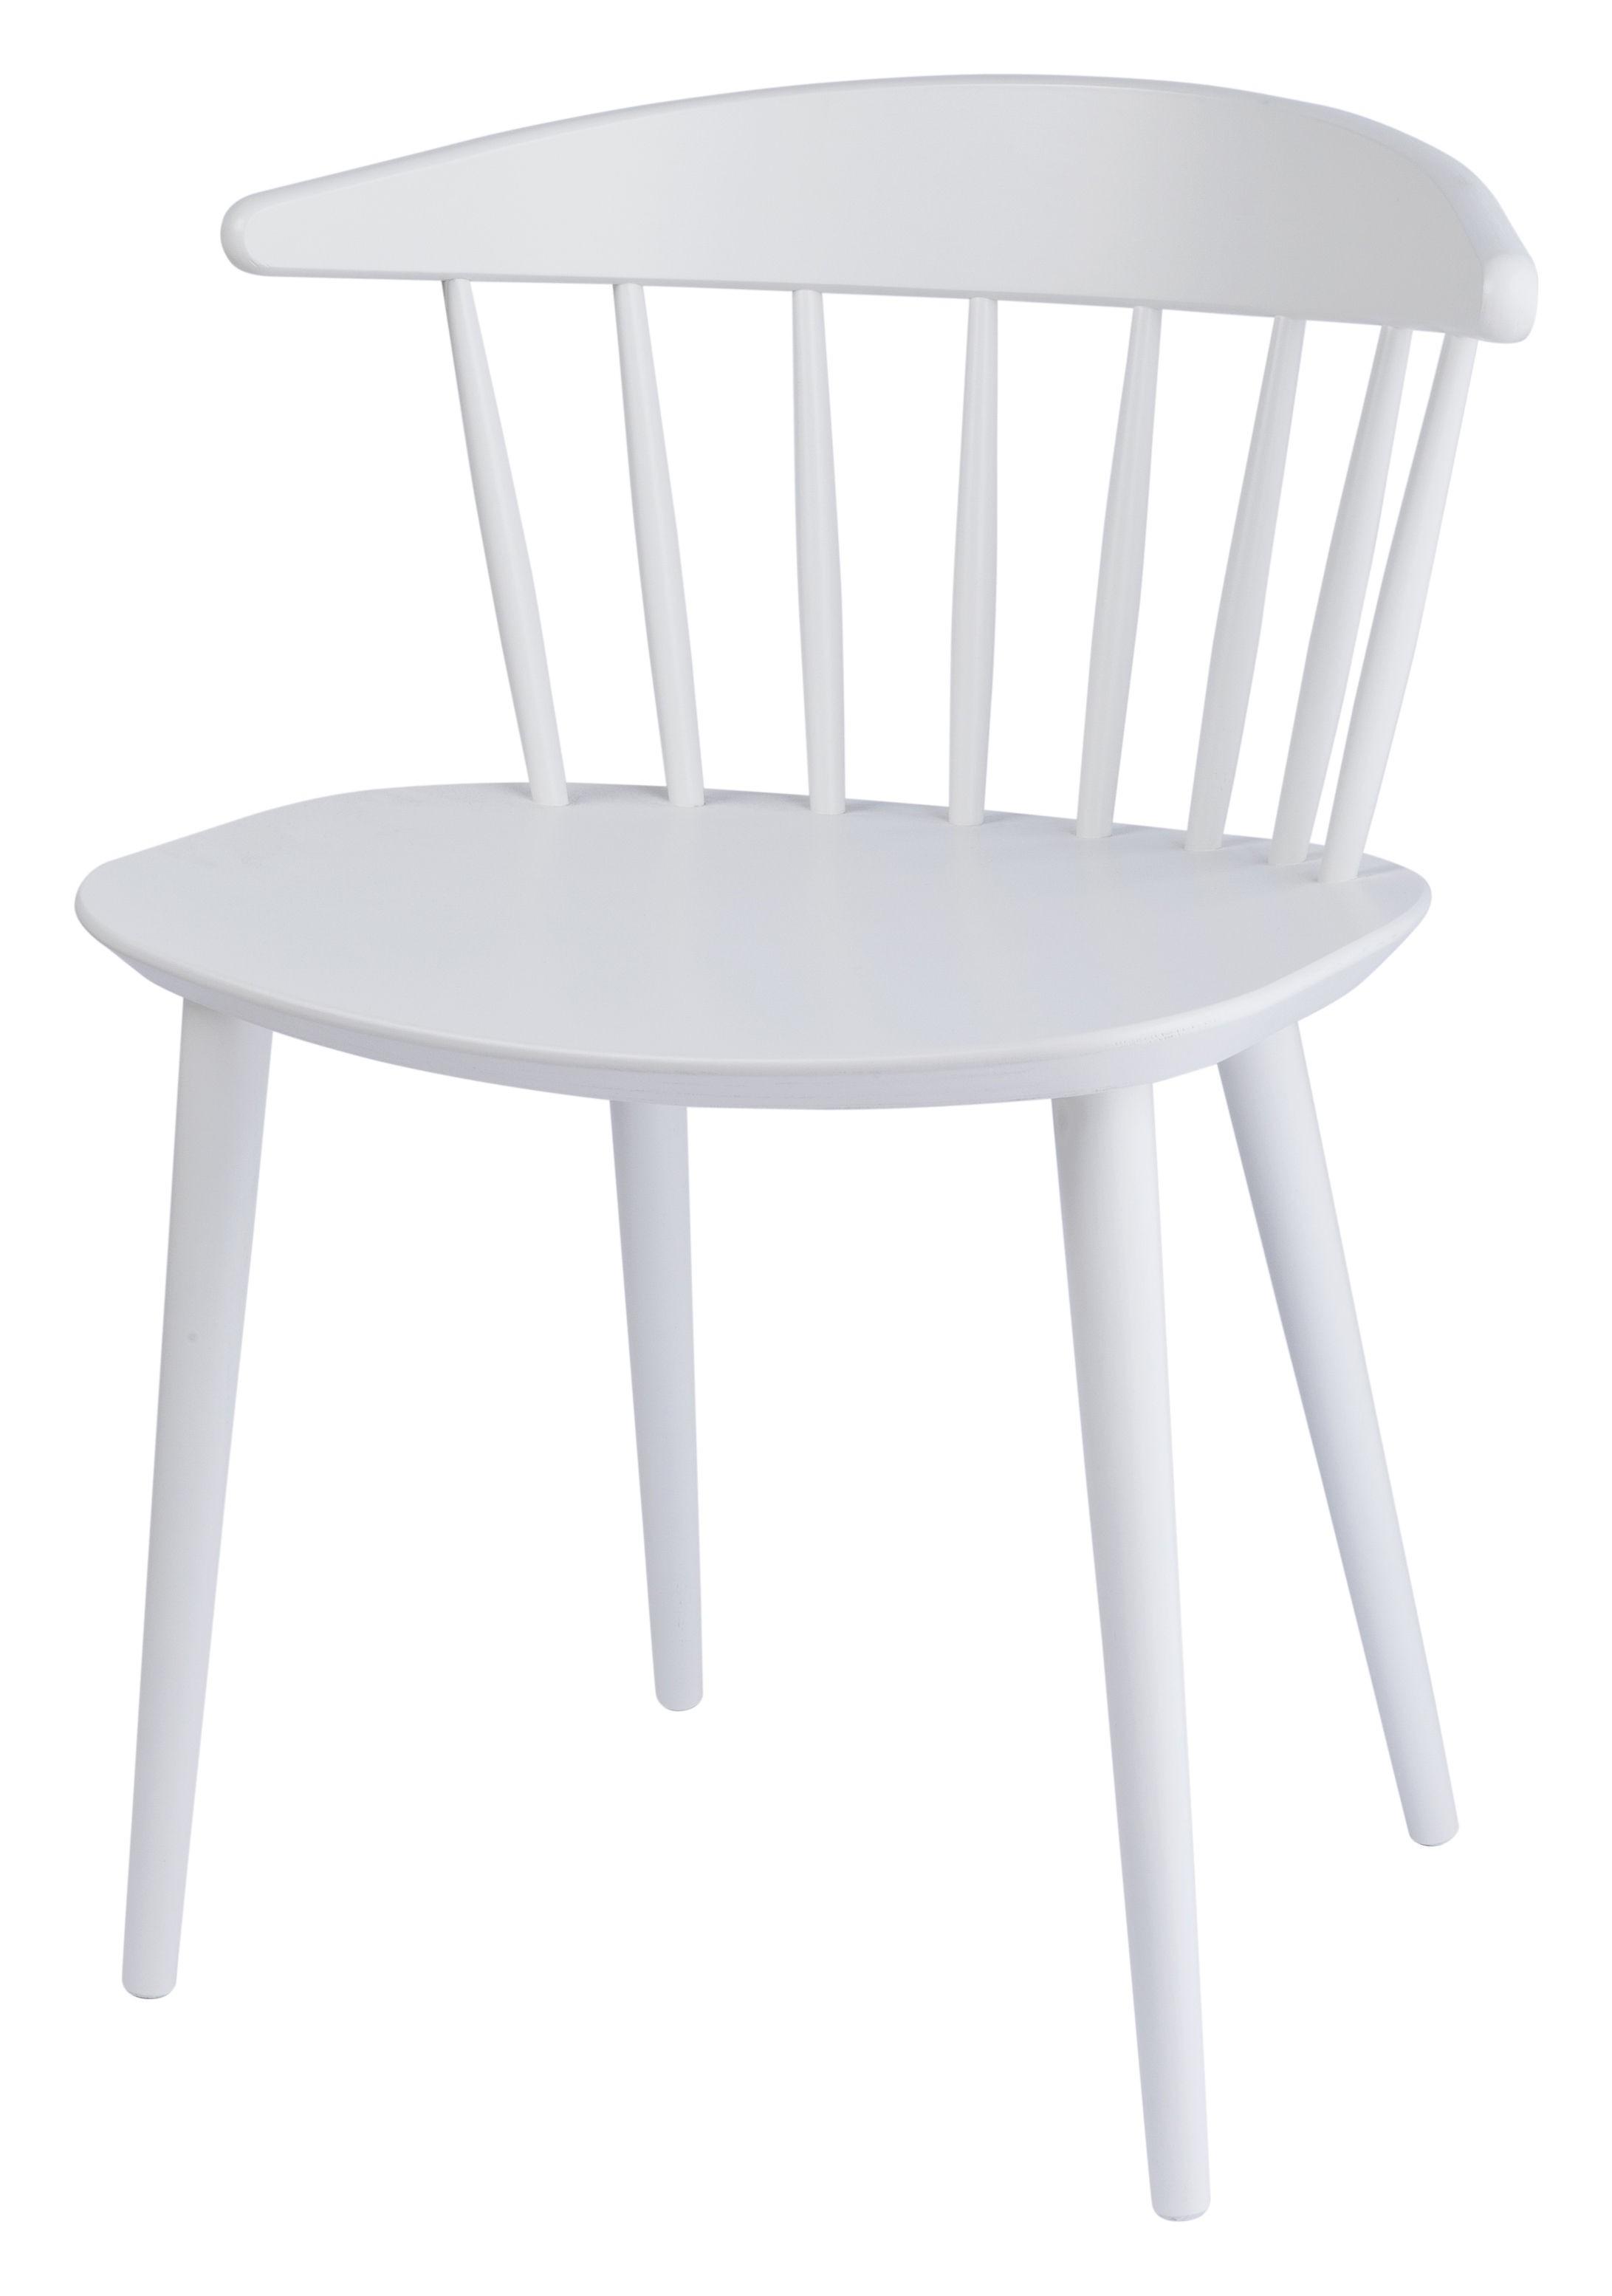 chaise j104 de hay 3 coloris. Black Bedroom Furniture Sets. Home Design Ideas